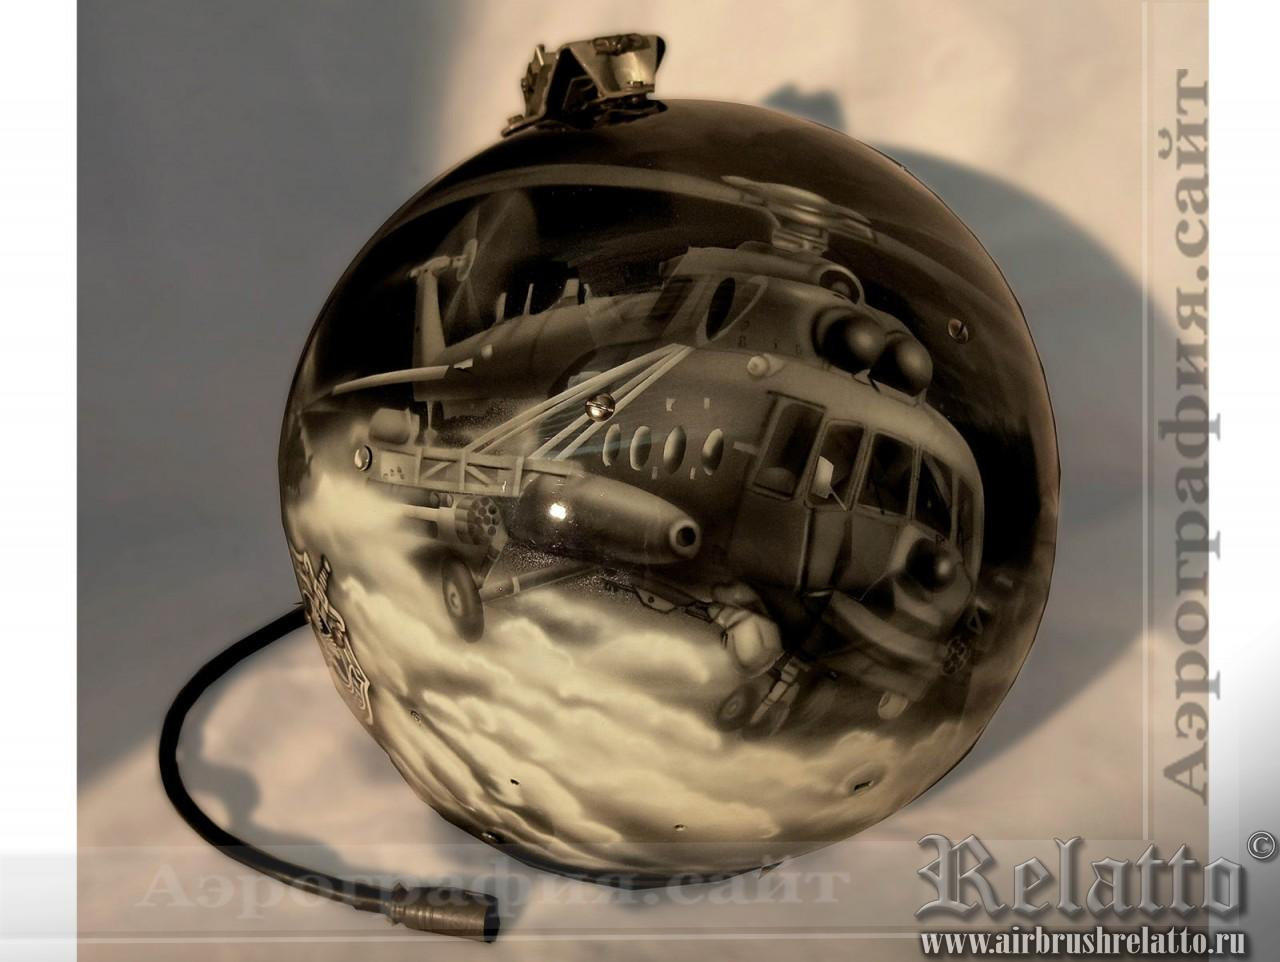 Аэрография вертолетного шлема